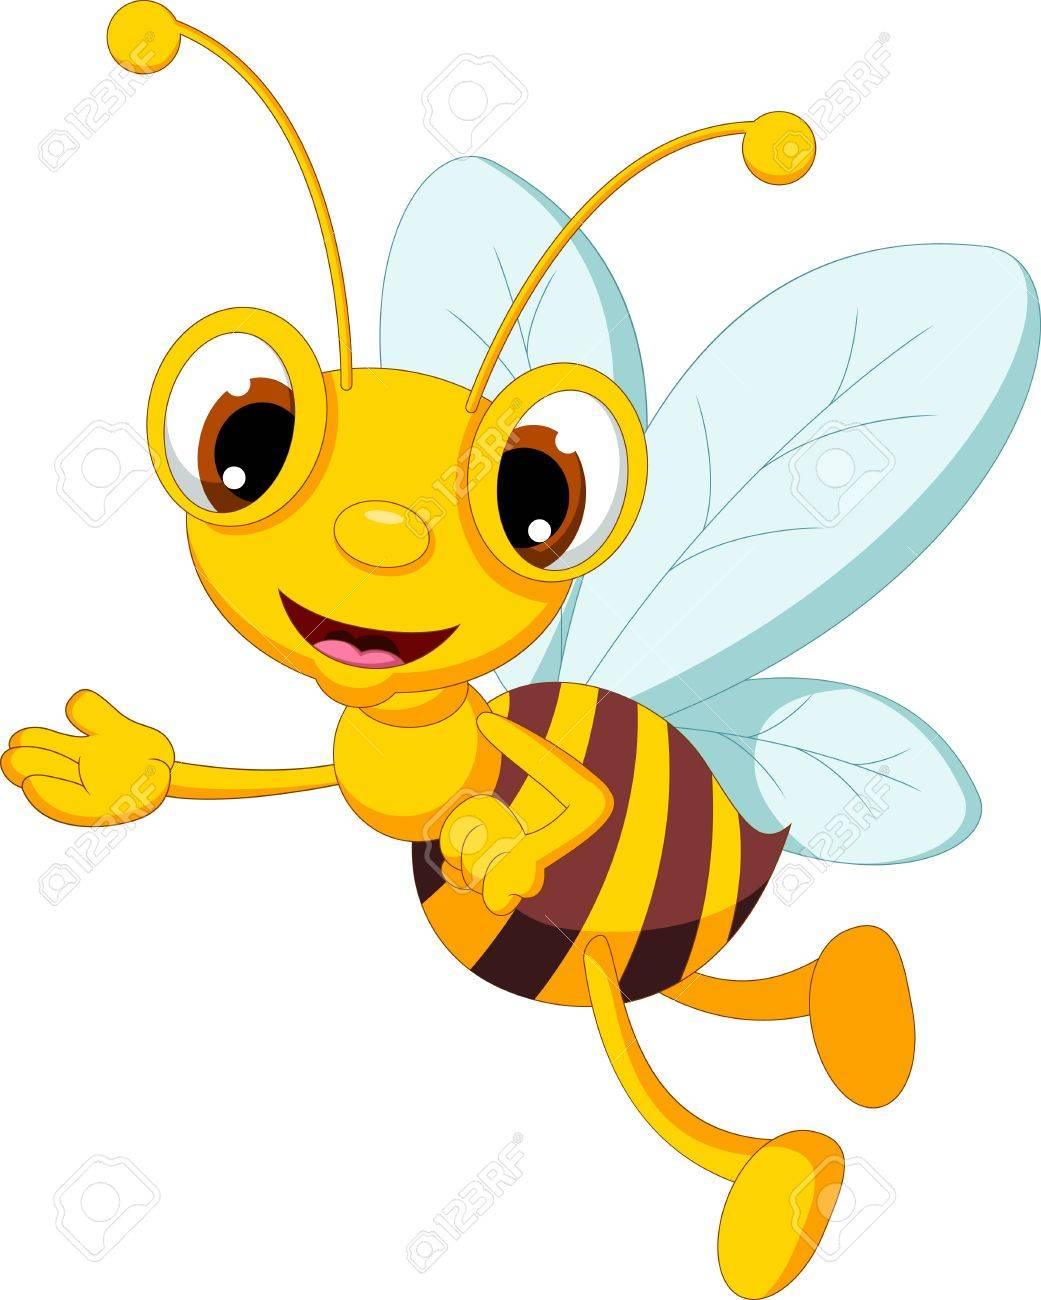 how to draw a cartoon honey bee